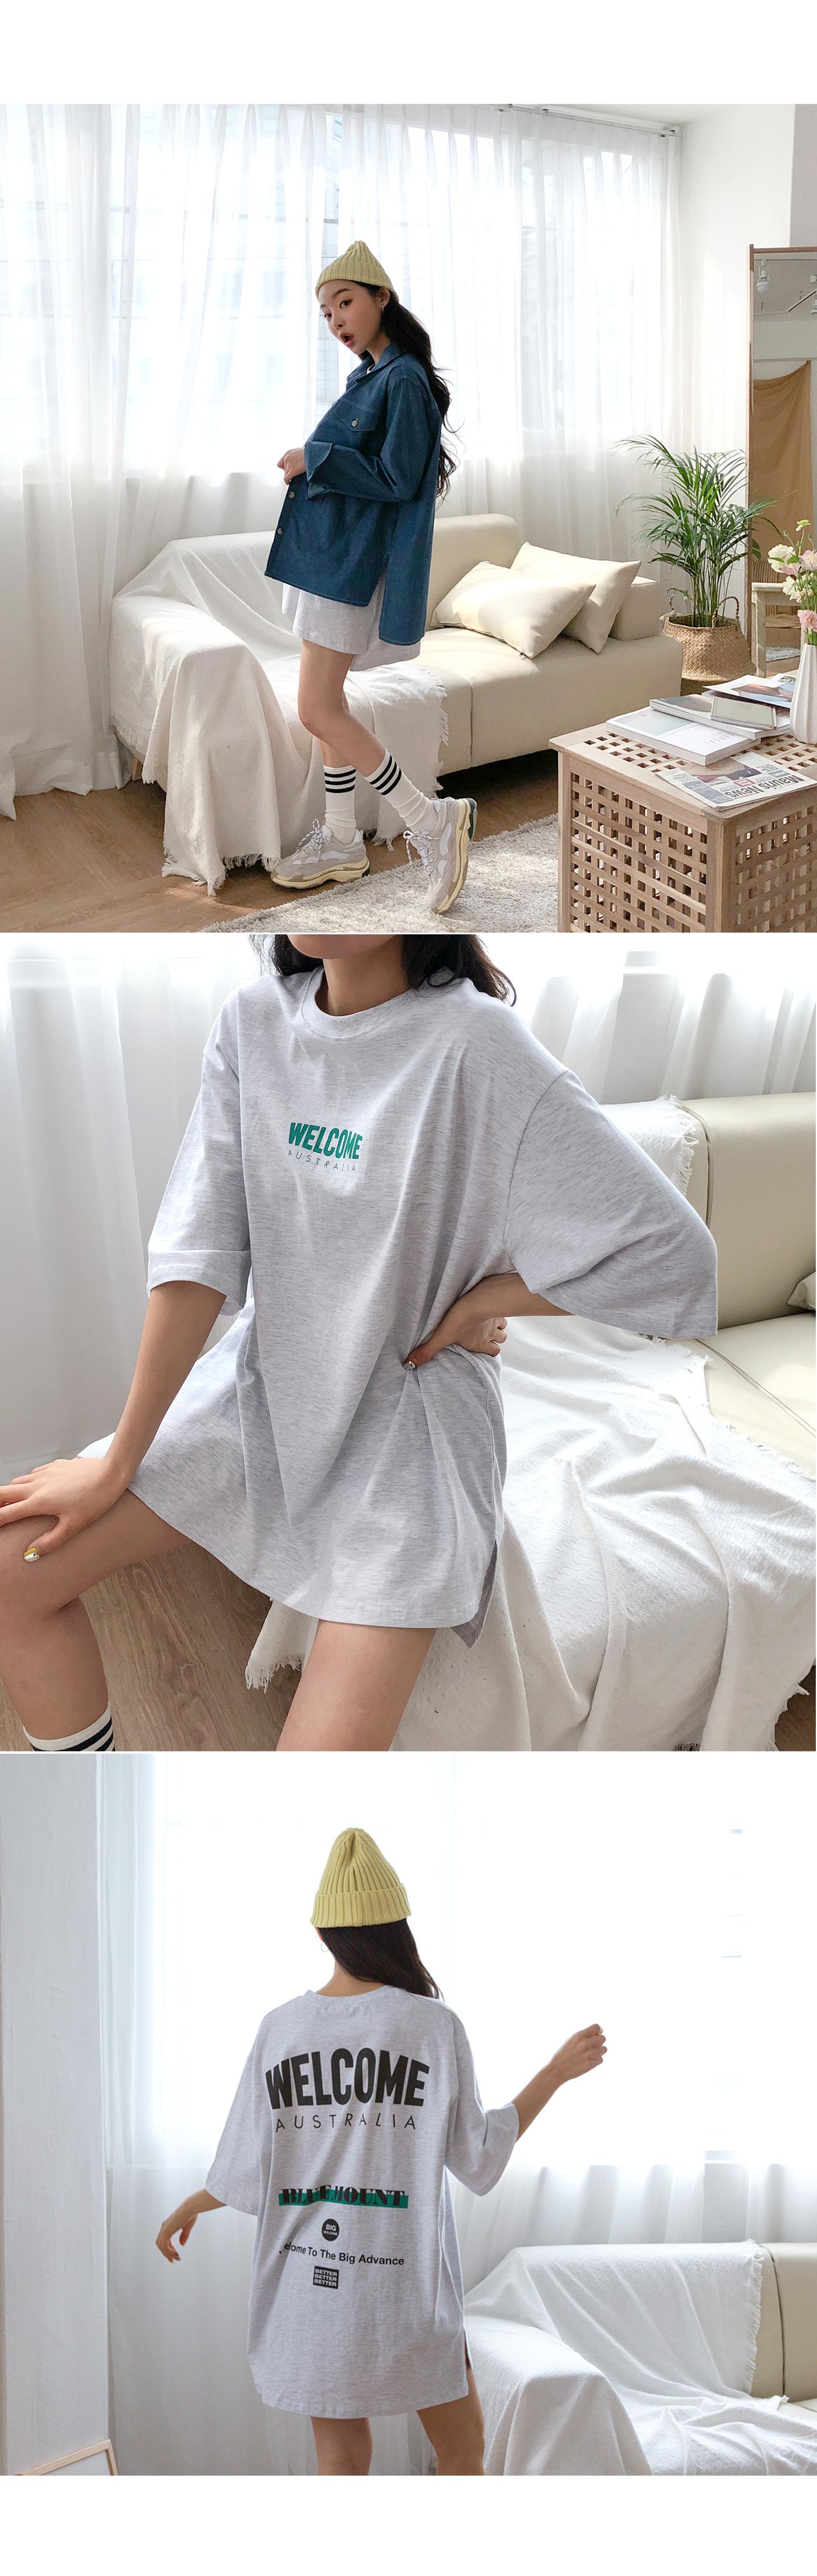 Watujewon boxed polo shirt